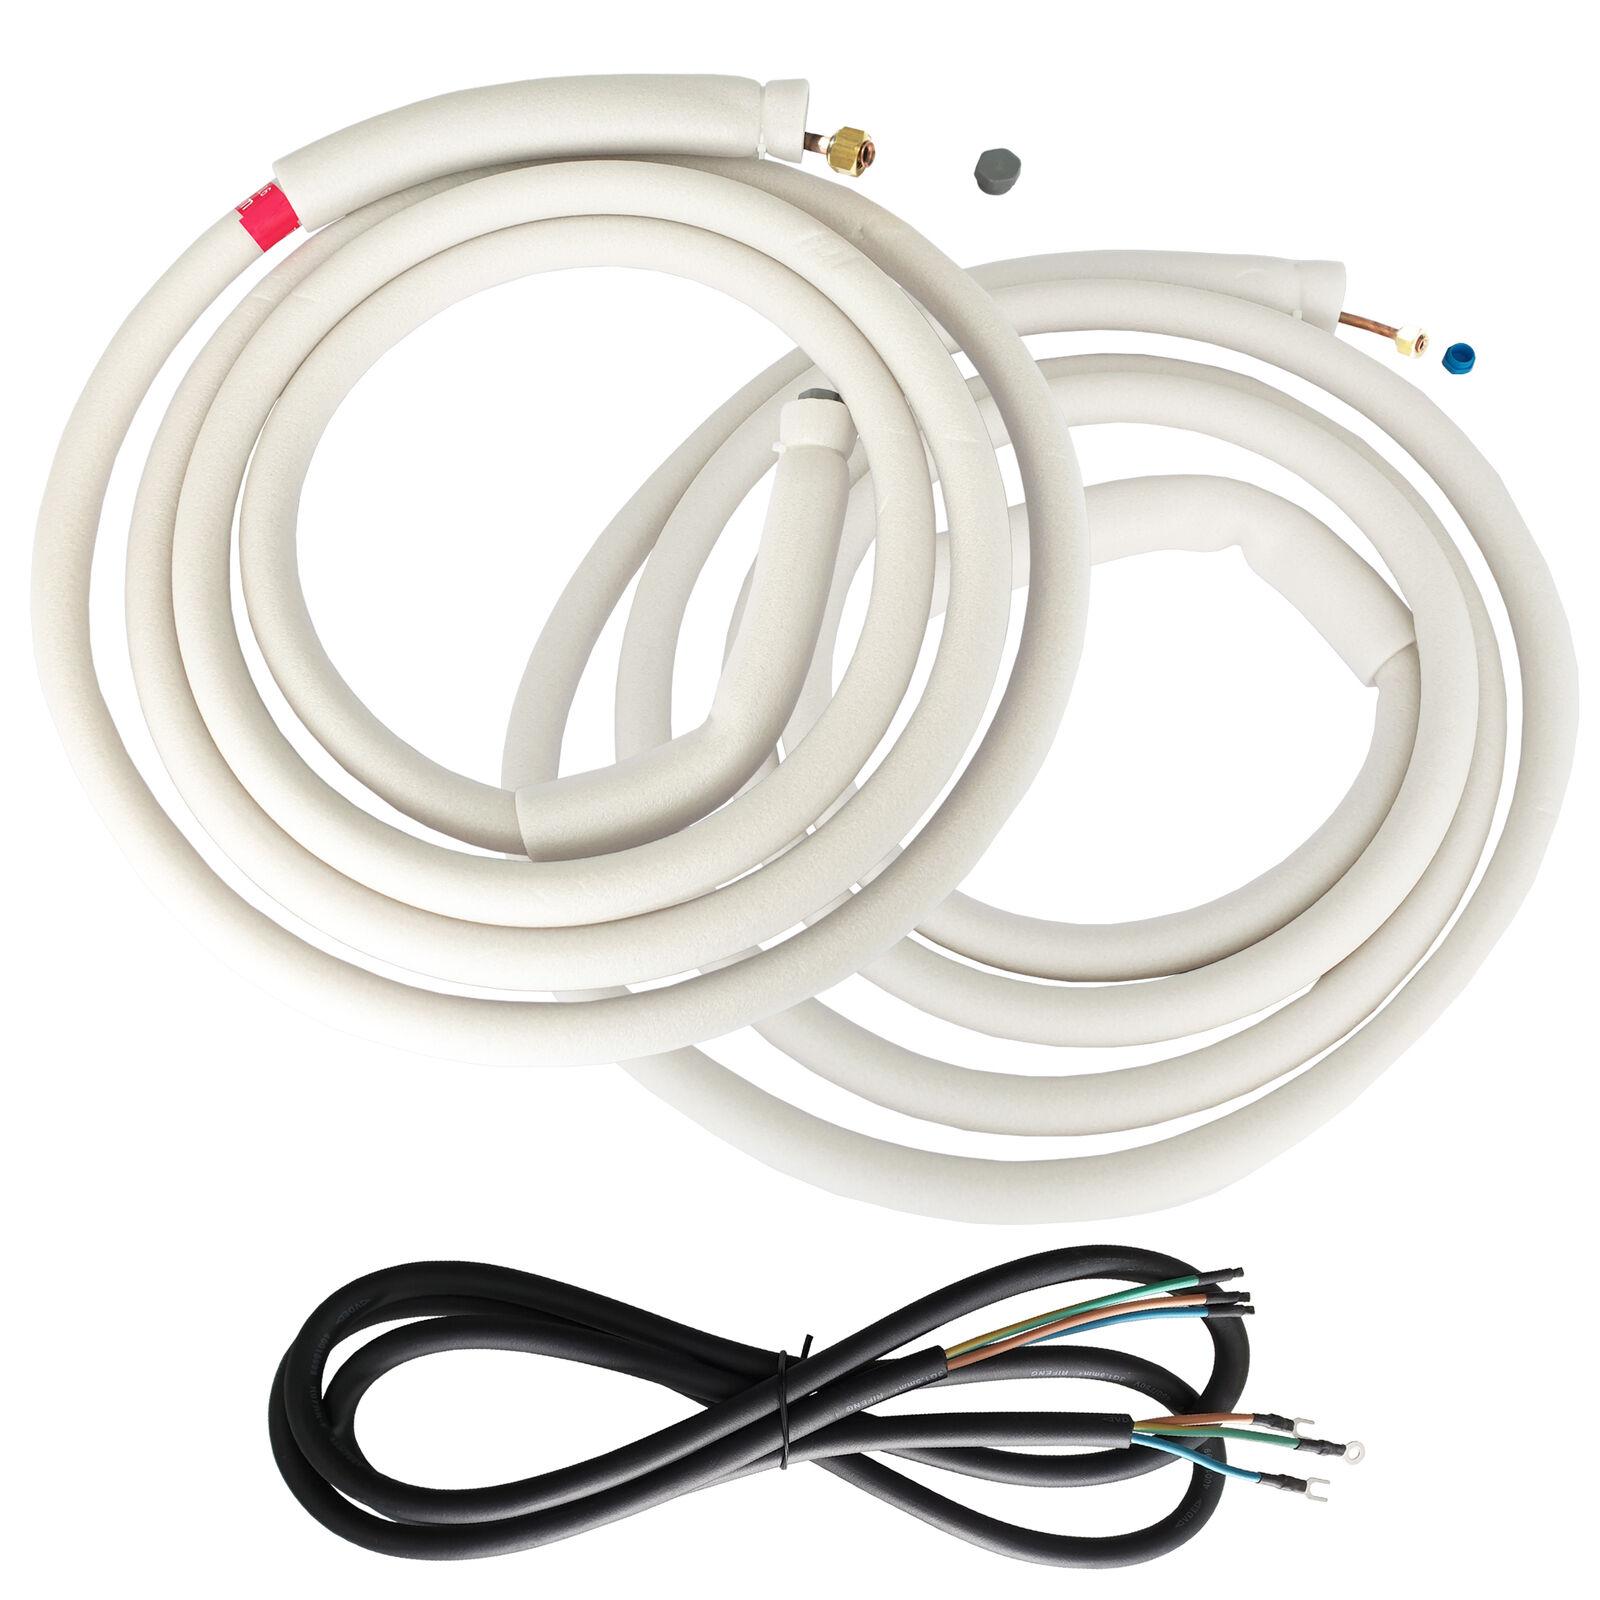 VIESTA Montage Set für Klimaanlage Klimagerät 2x5m Kältemittelleitung 1/4